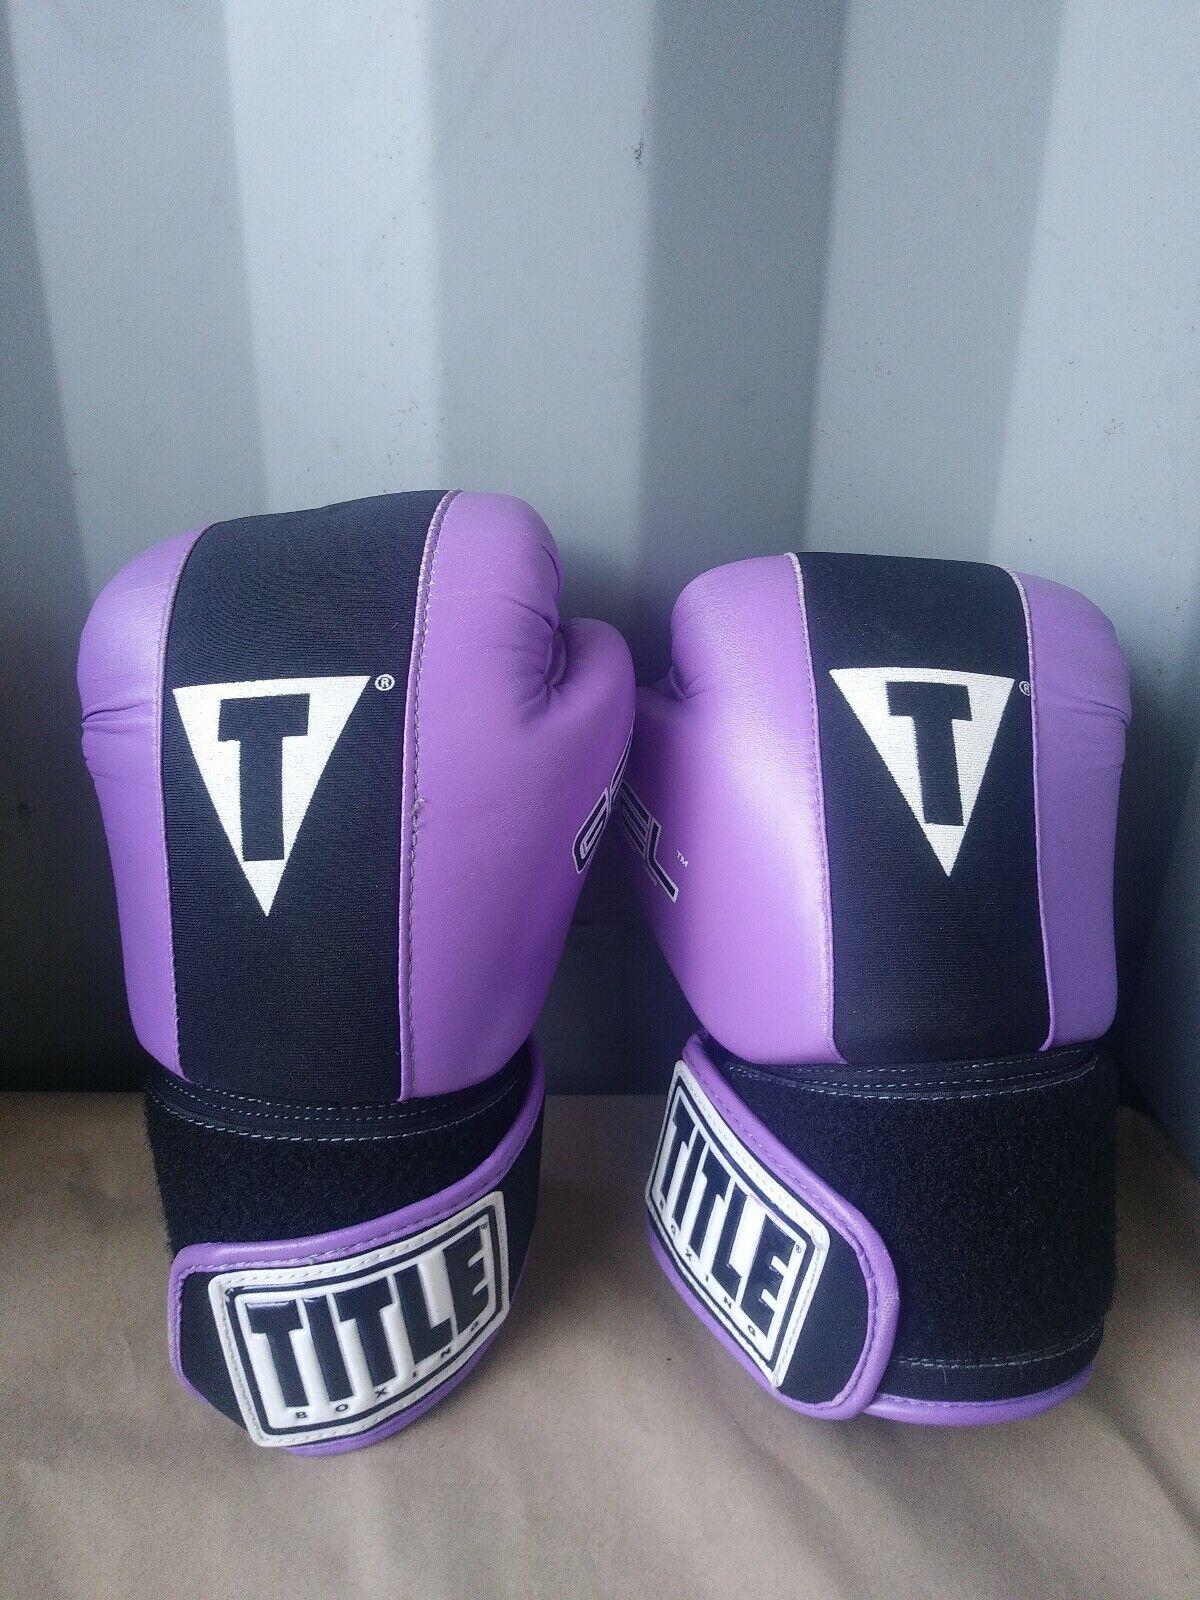 Title  Boxing Gel World Bag Adult Boxing G s Purple Size  M (read desc. Pls )  factory outlet online discount sale